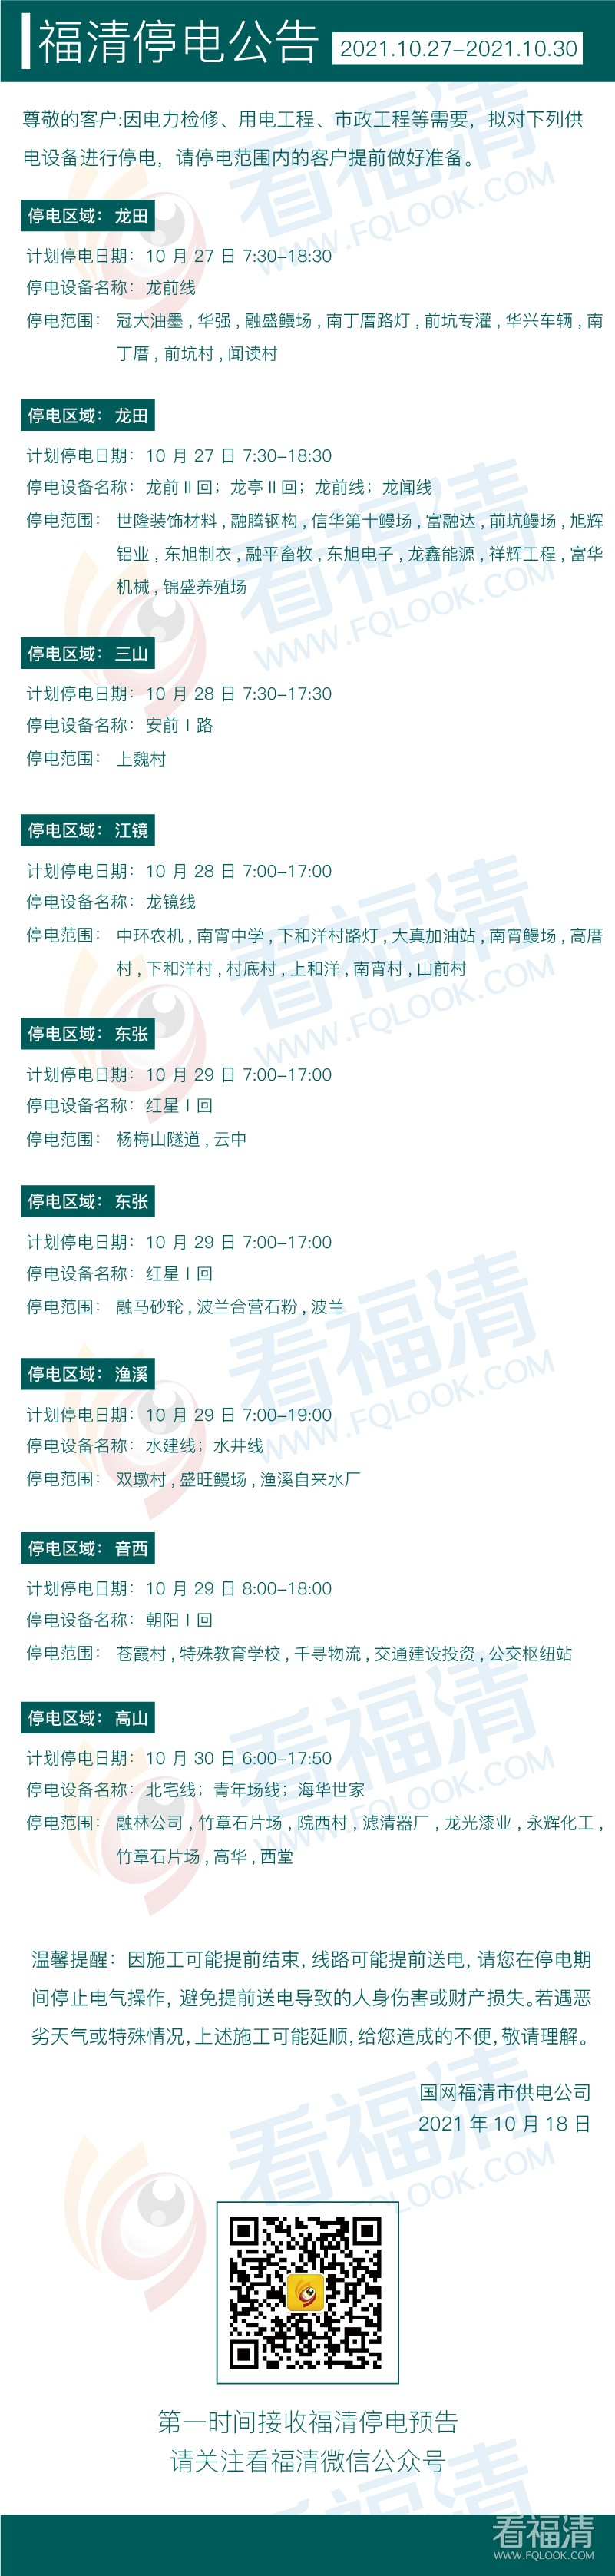 2021年10月福清停电公告(27日至30日)